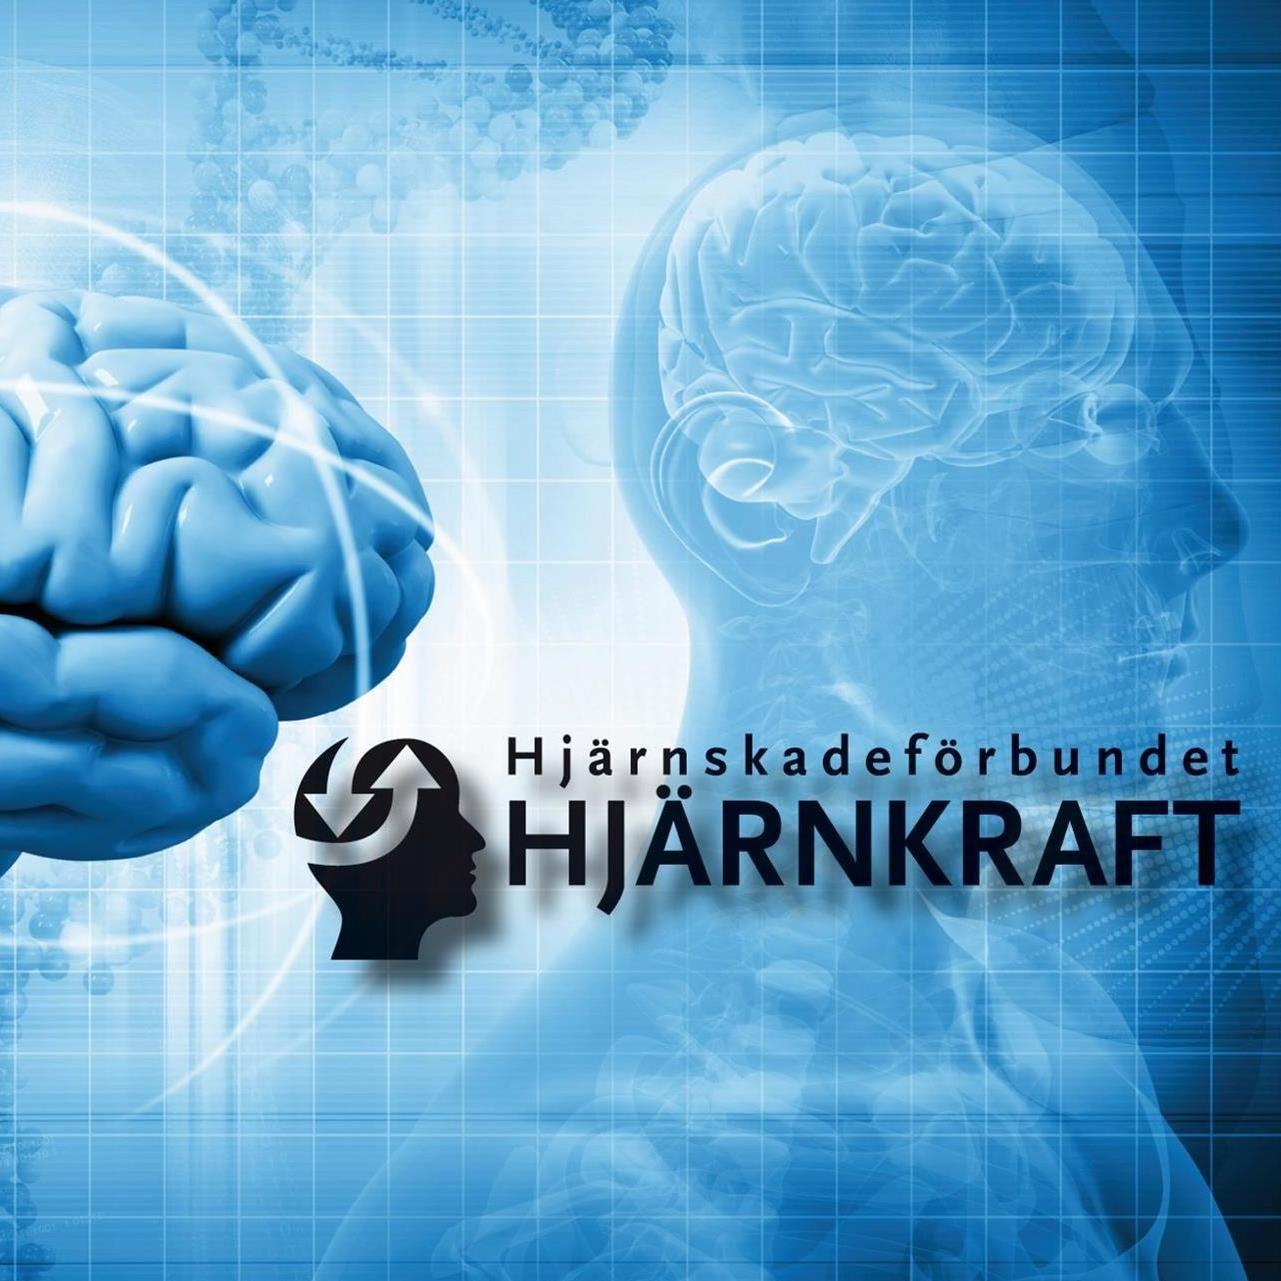 Dialog kring rehabilitering, stöd och samordning efter förvärvad hjärnskada